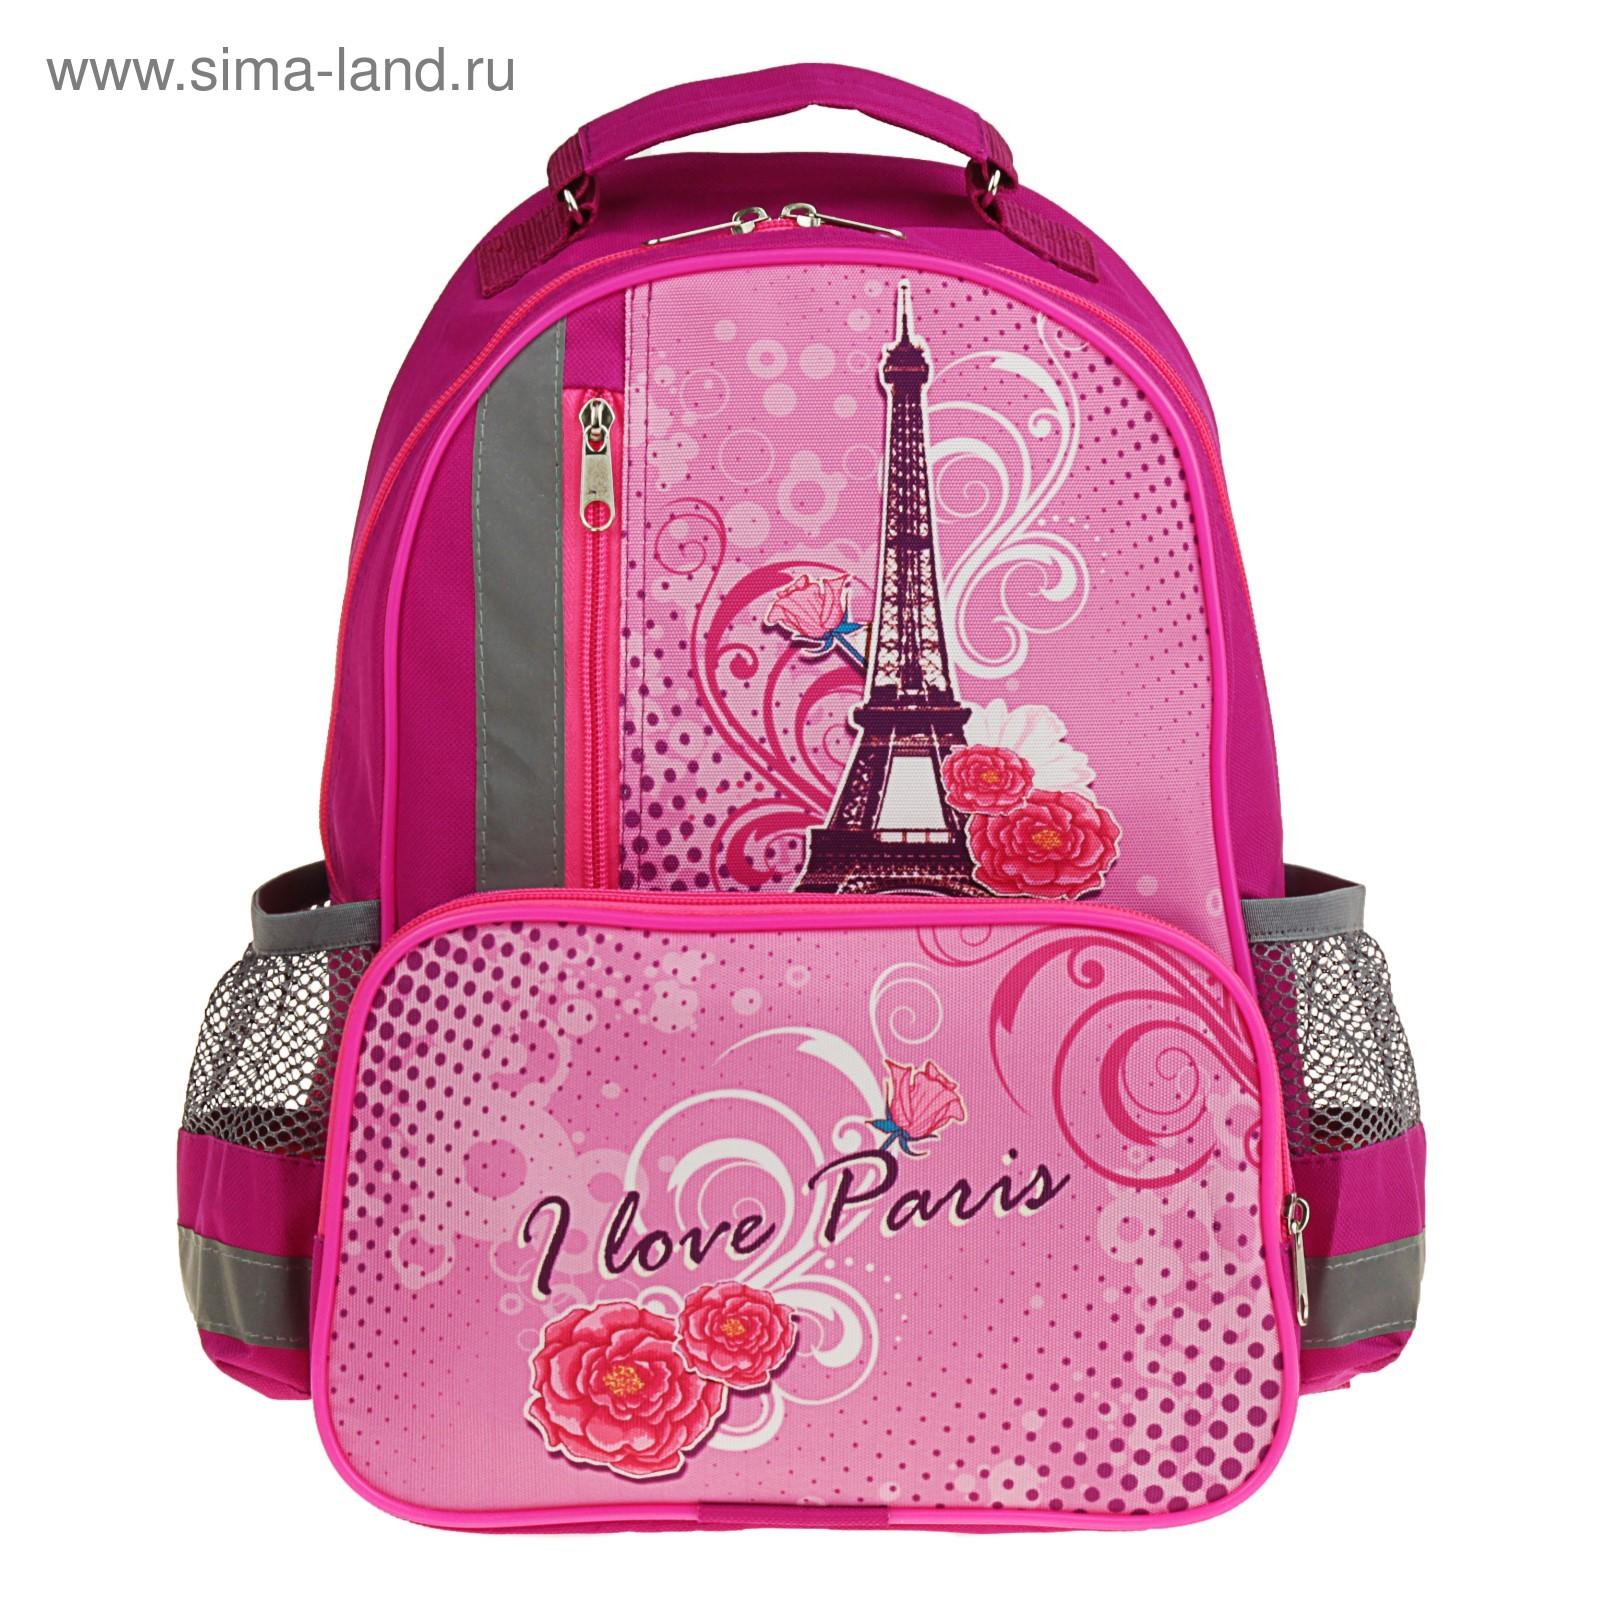 dd6bb2d46f7d Рюкзак школьный с эргономической спинкой Luris Степашка 37x26x13 см для  девочки, «Париж»